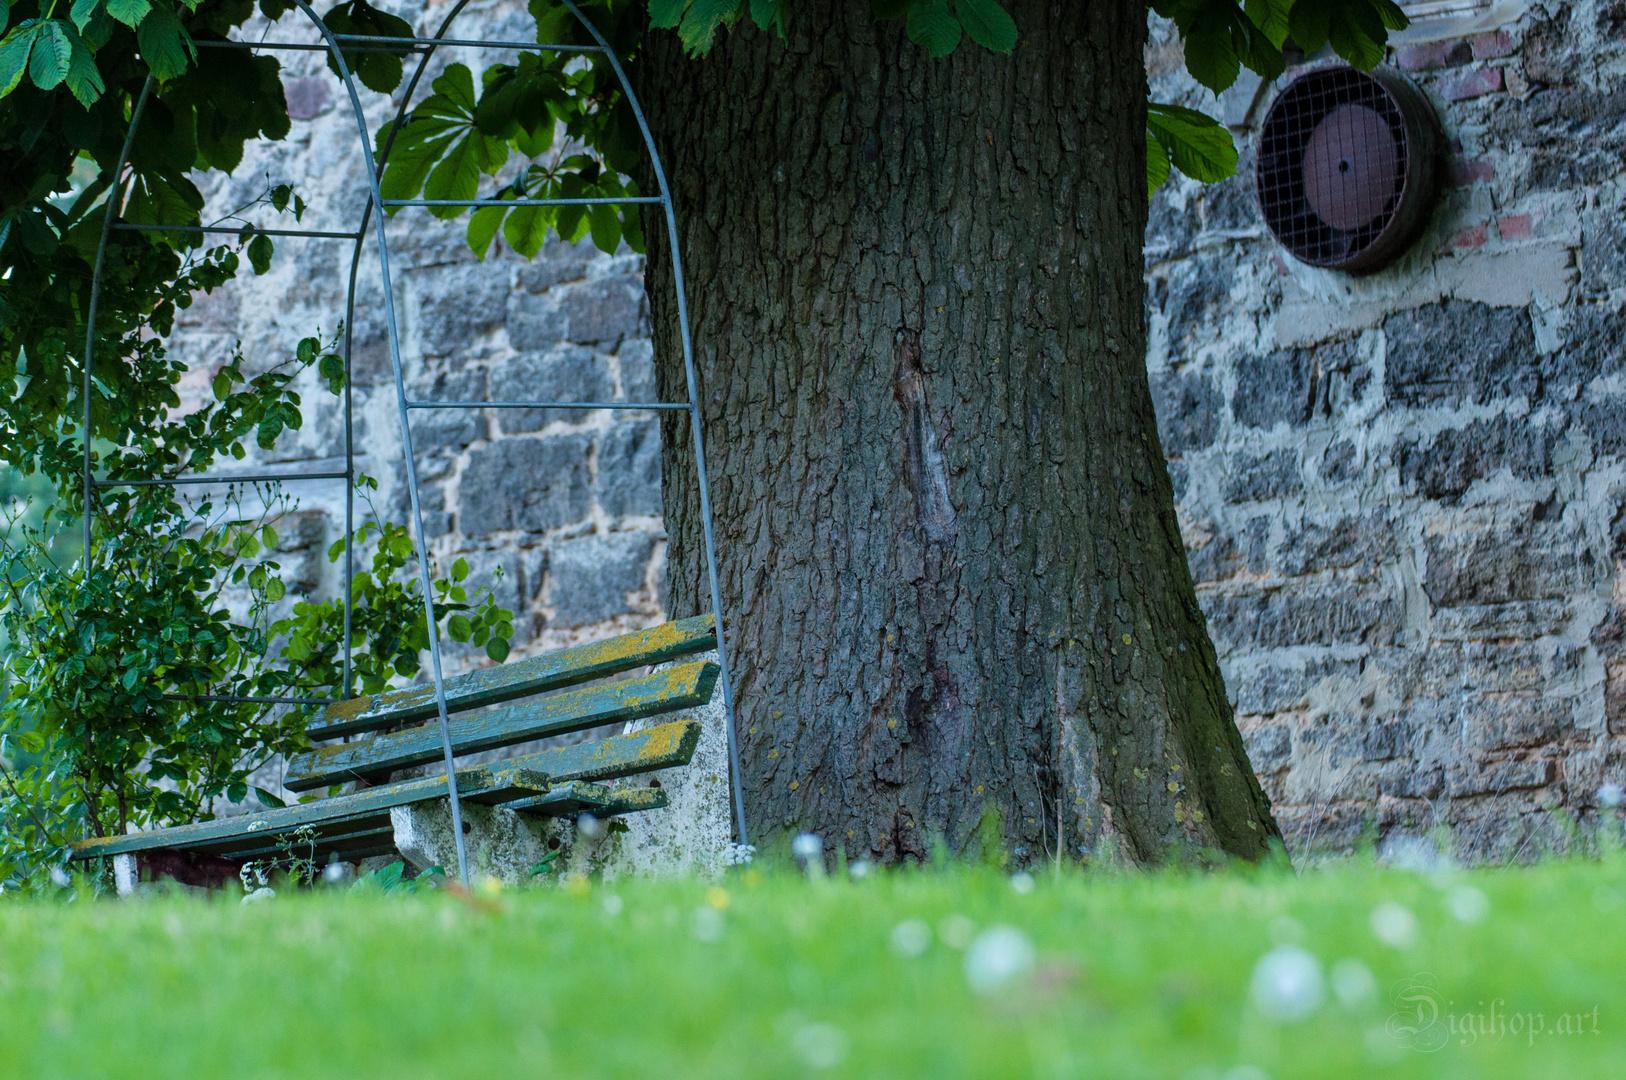 Der einsame Baum.